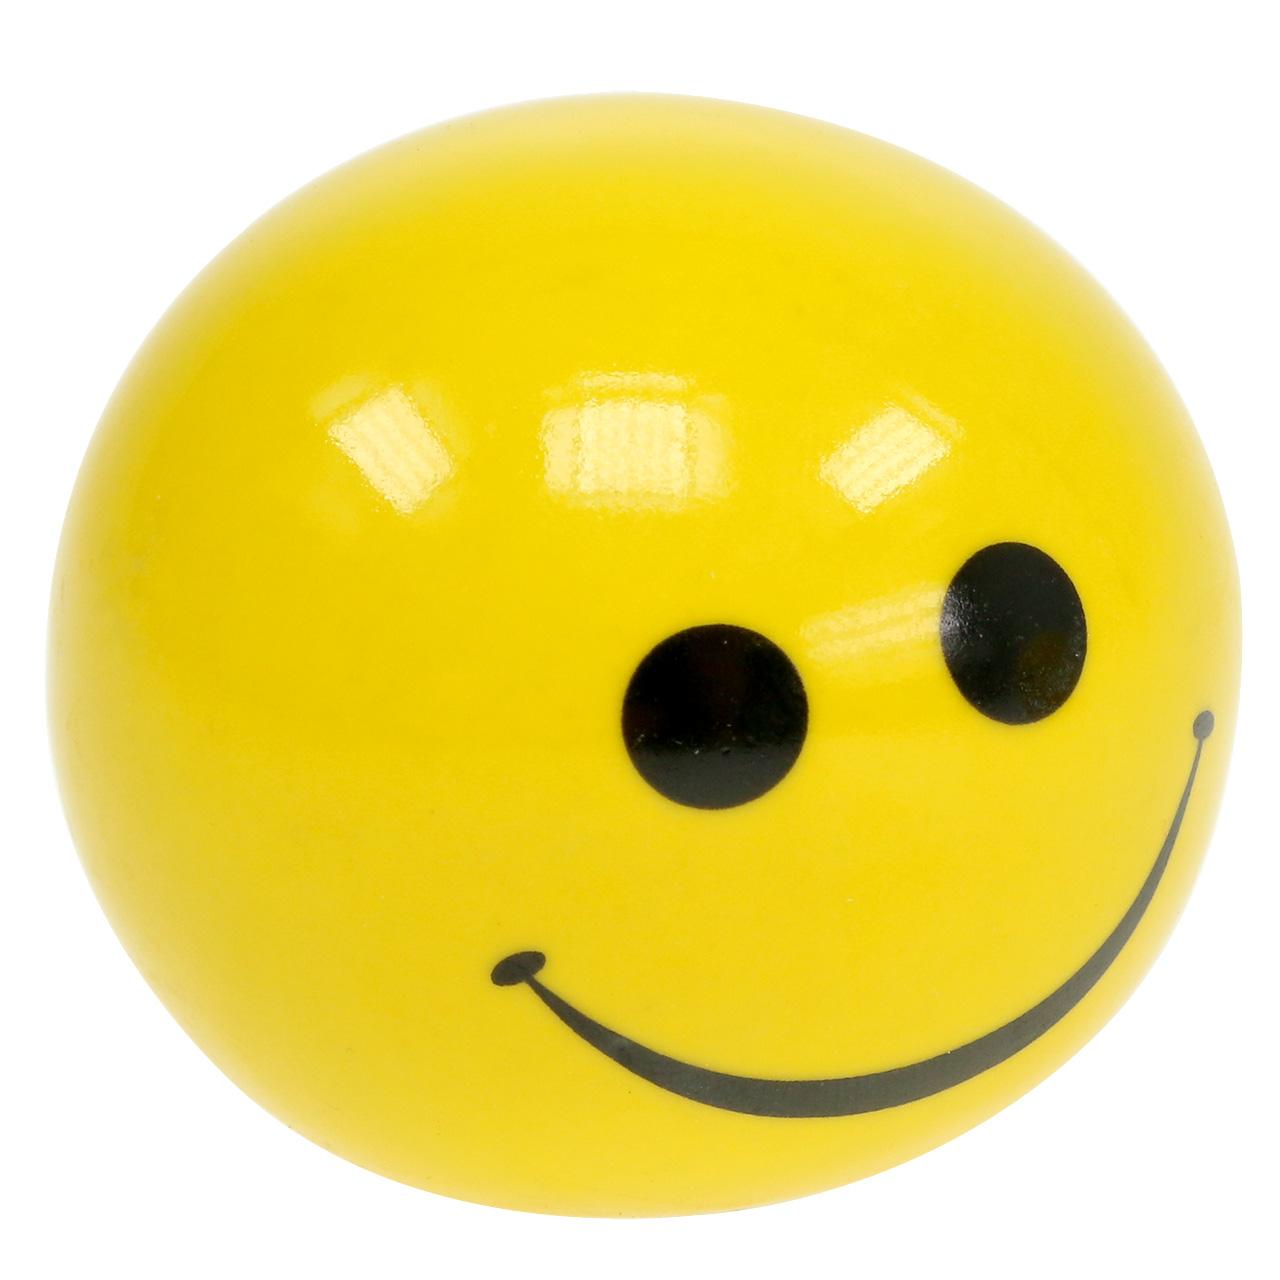 Boule en céramique avec Smeili jaune Ø5cm H4.5cm 6pcs